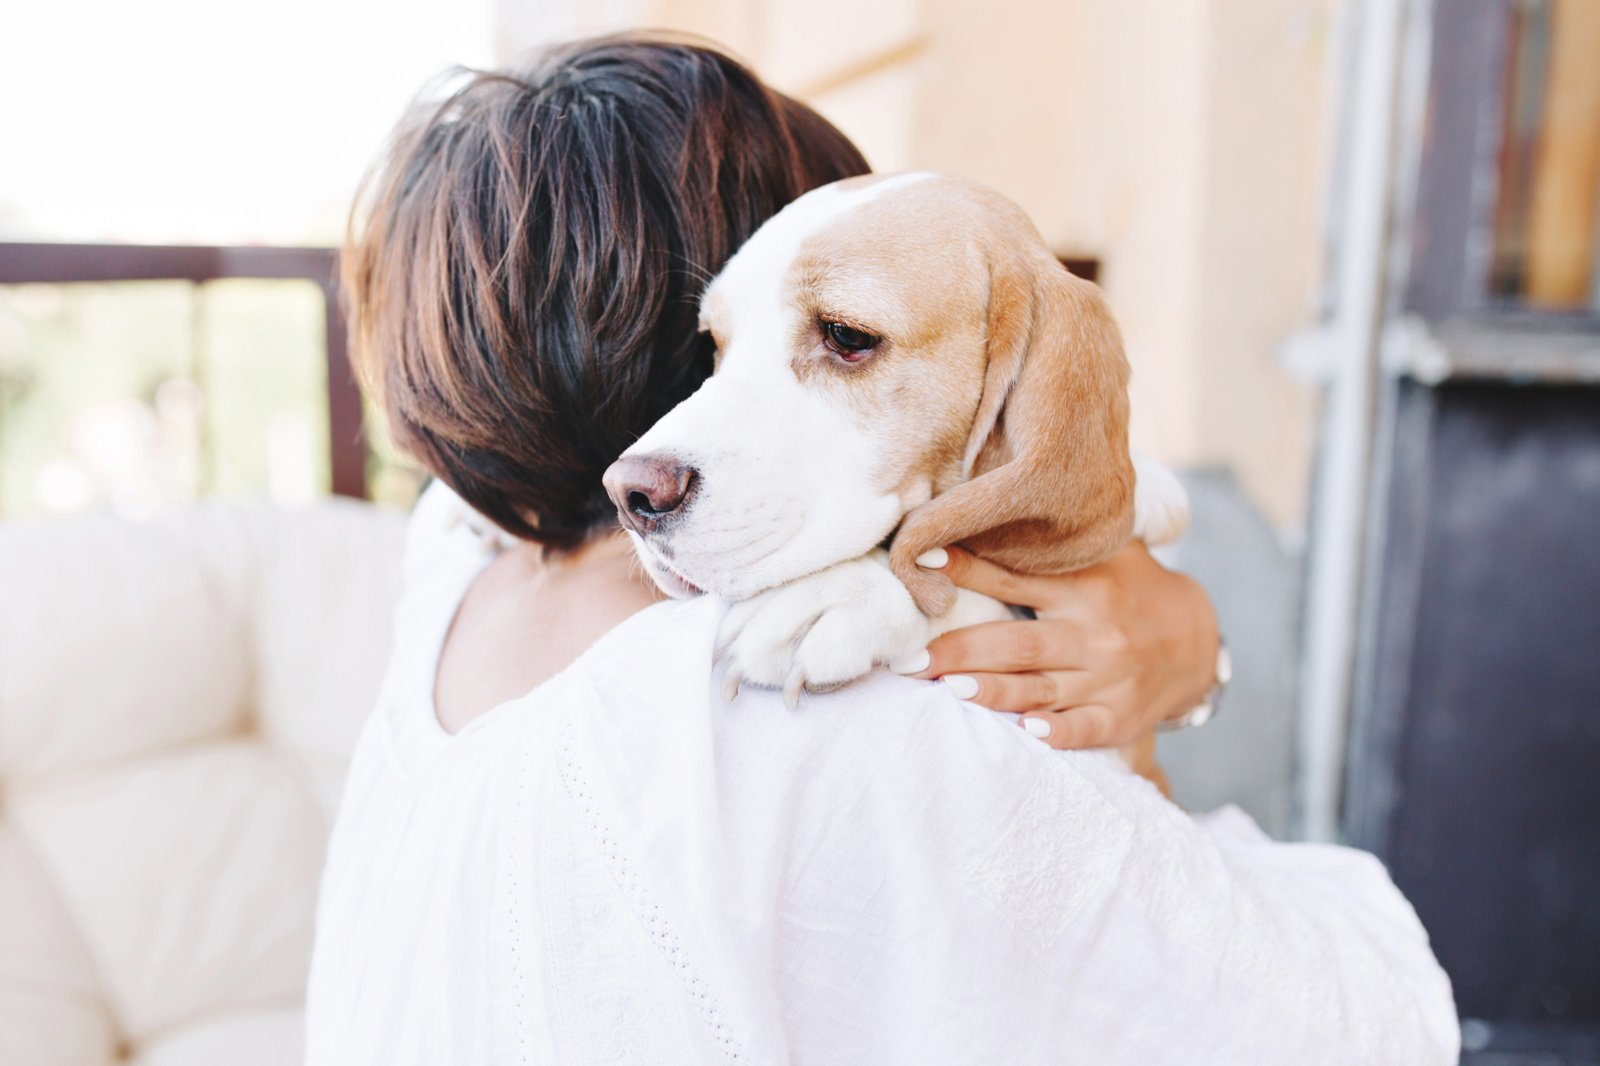 Šunų ausų ir uodegų trumpinimas –  kokia bausmė gali laukti?